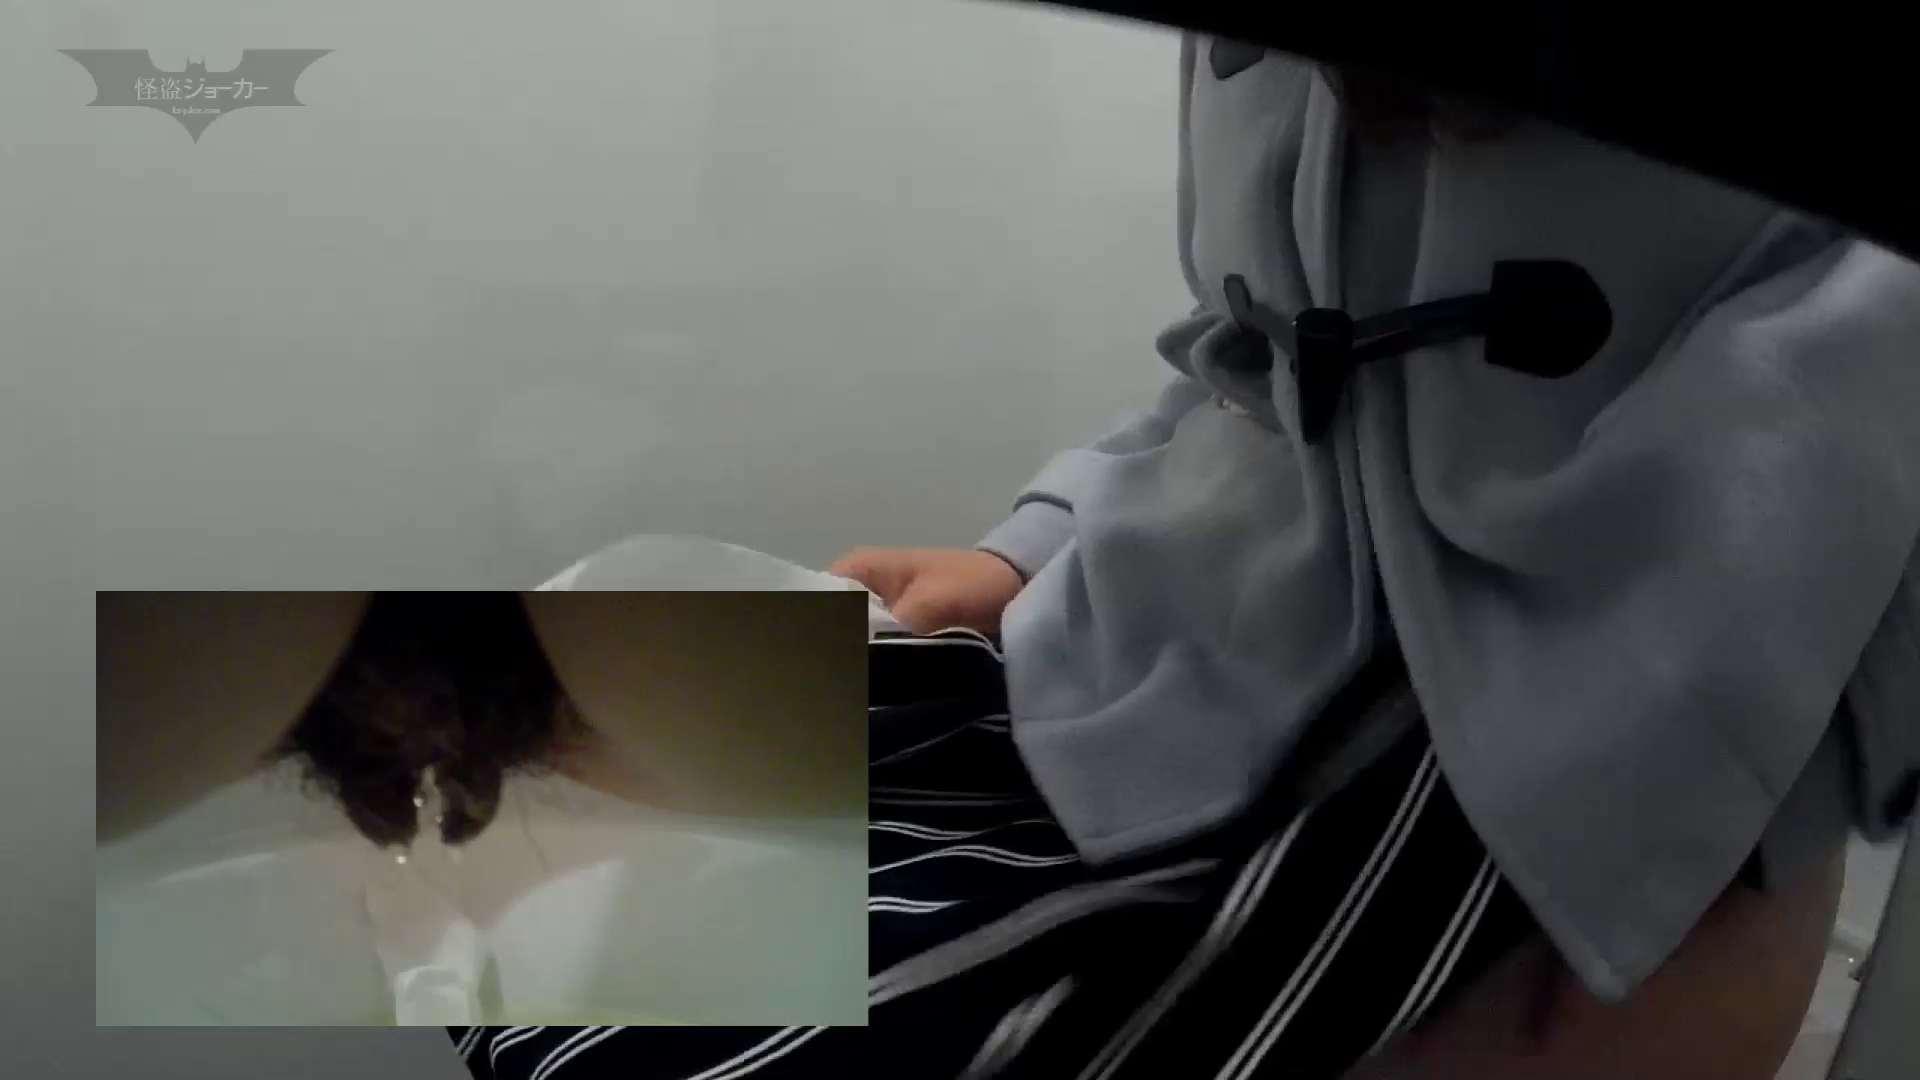 有名大学女性洗面所 vol.57 S級美女マルチアングル撮り!! マルチアングル  80PIX 65